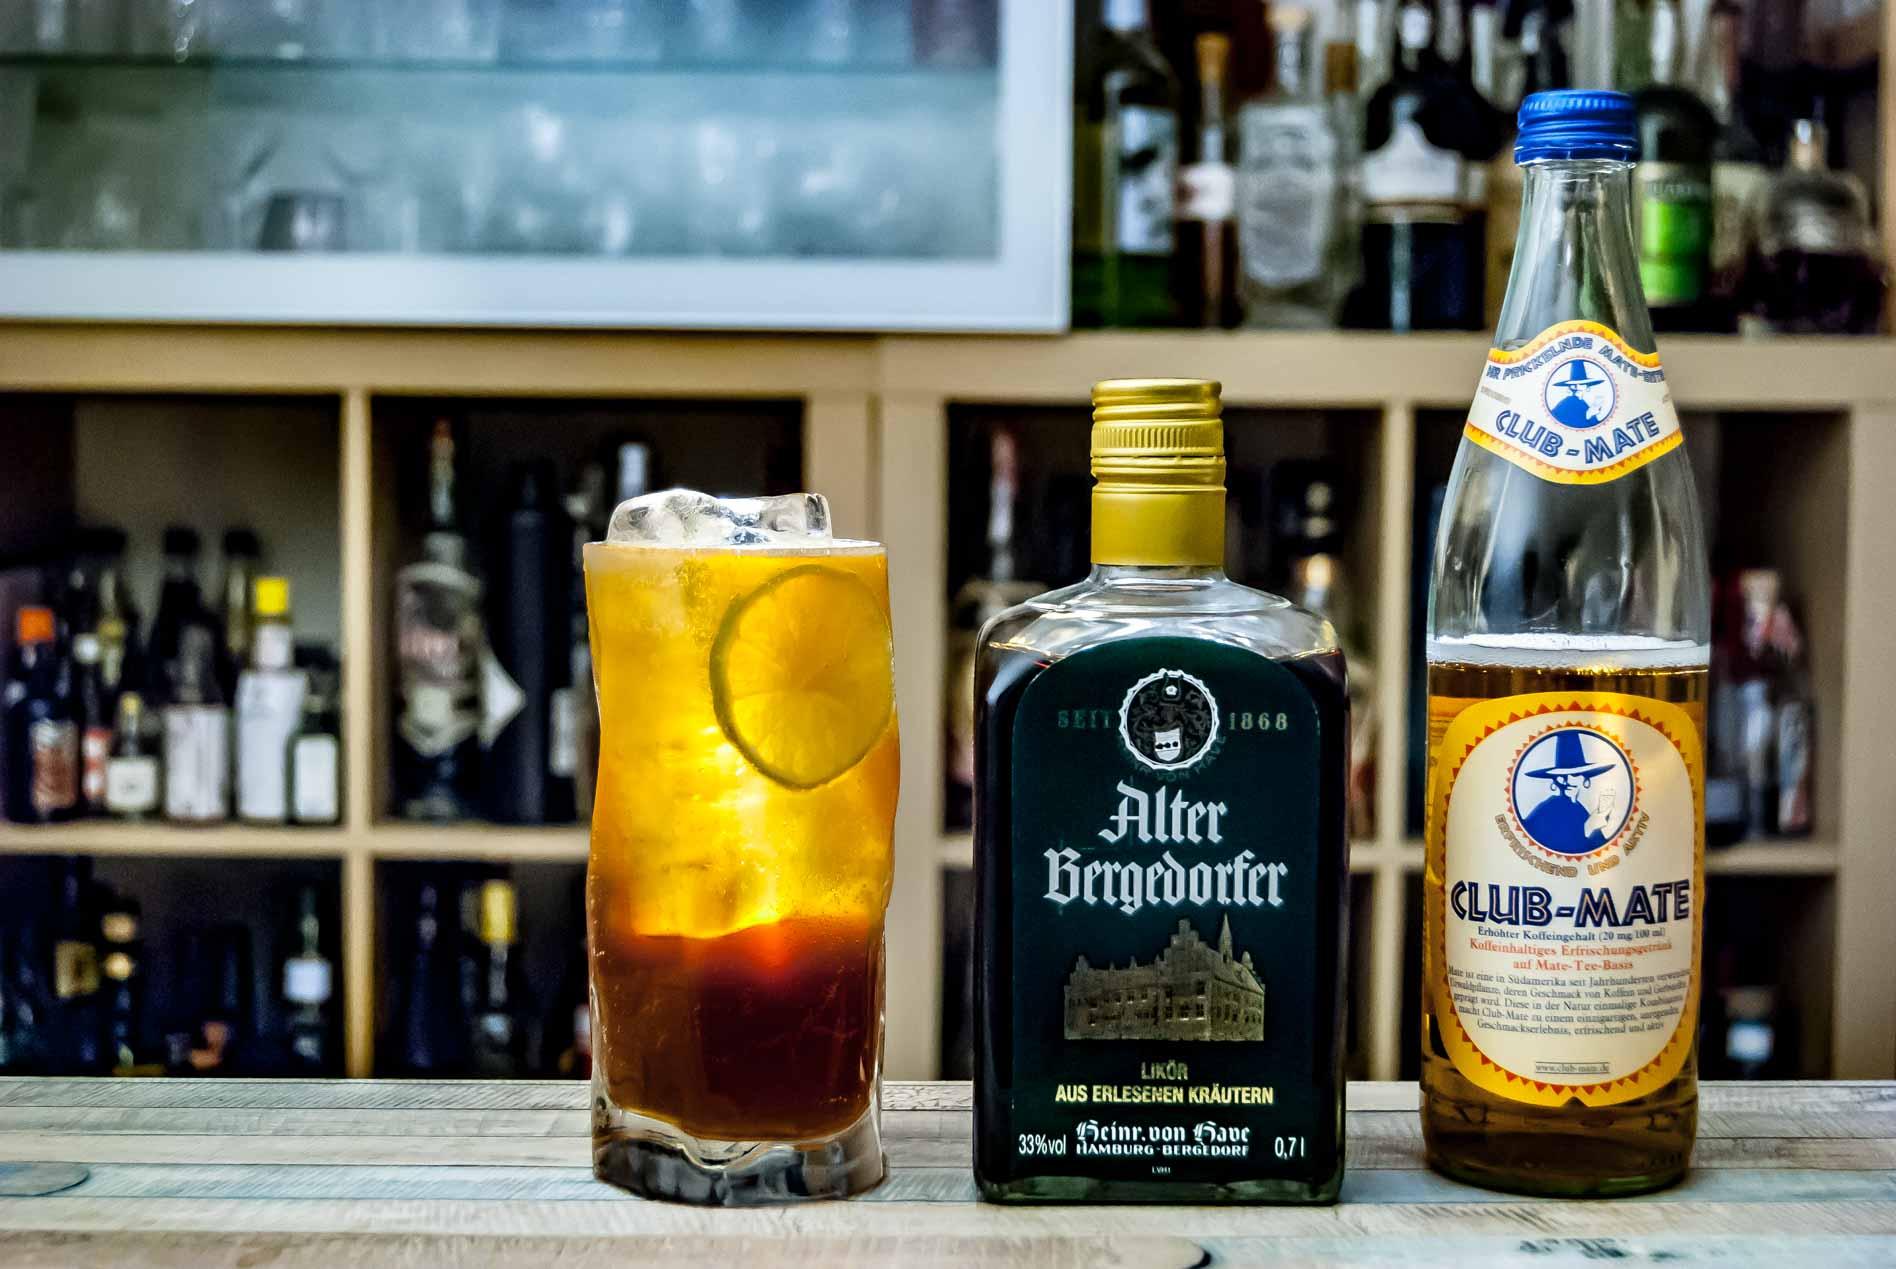 Von Have Bergedorf : von have alter bergedorfer mate3 cocktails mit gin ~ Watch28wear.com Haus und Dekorationen